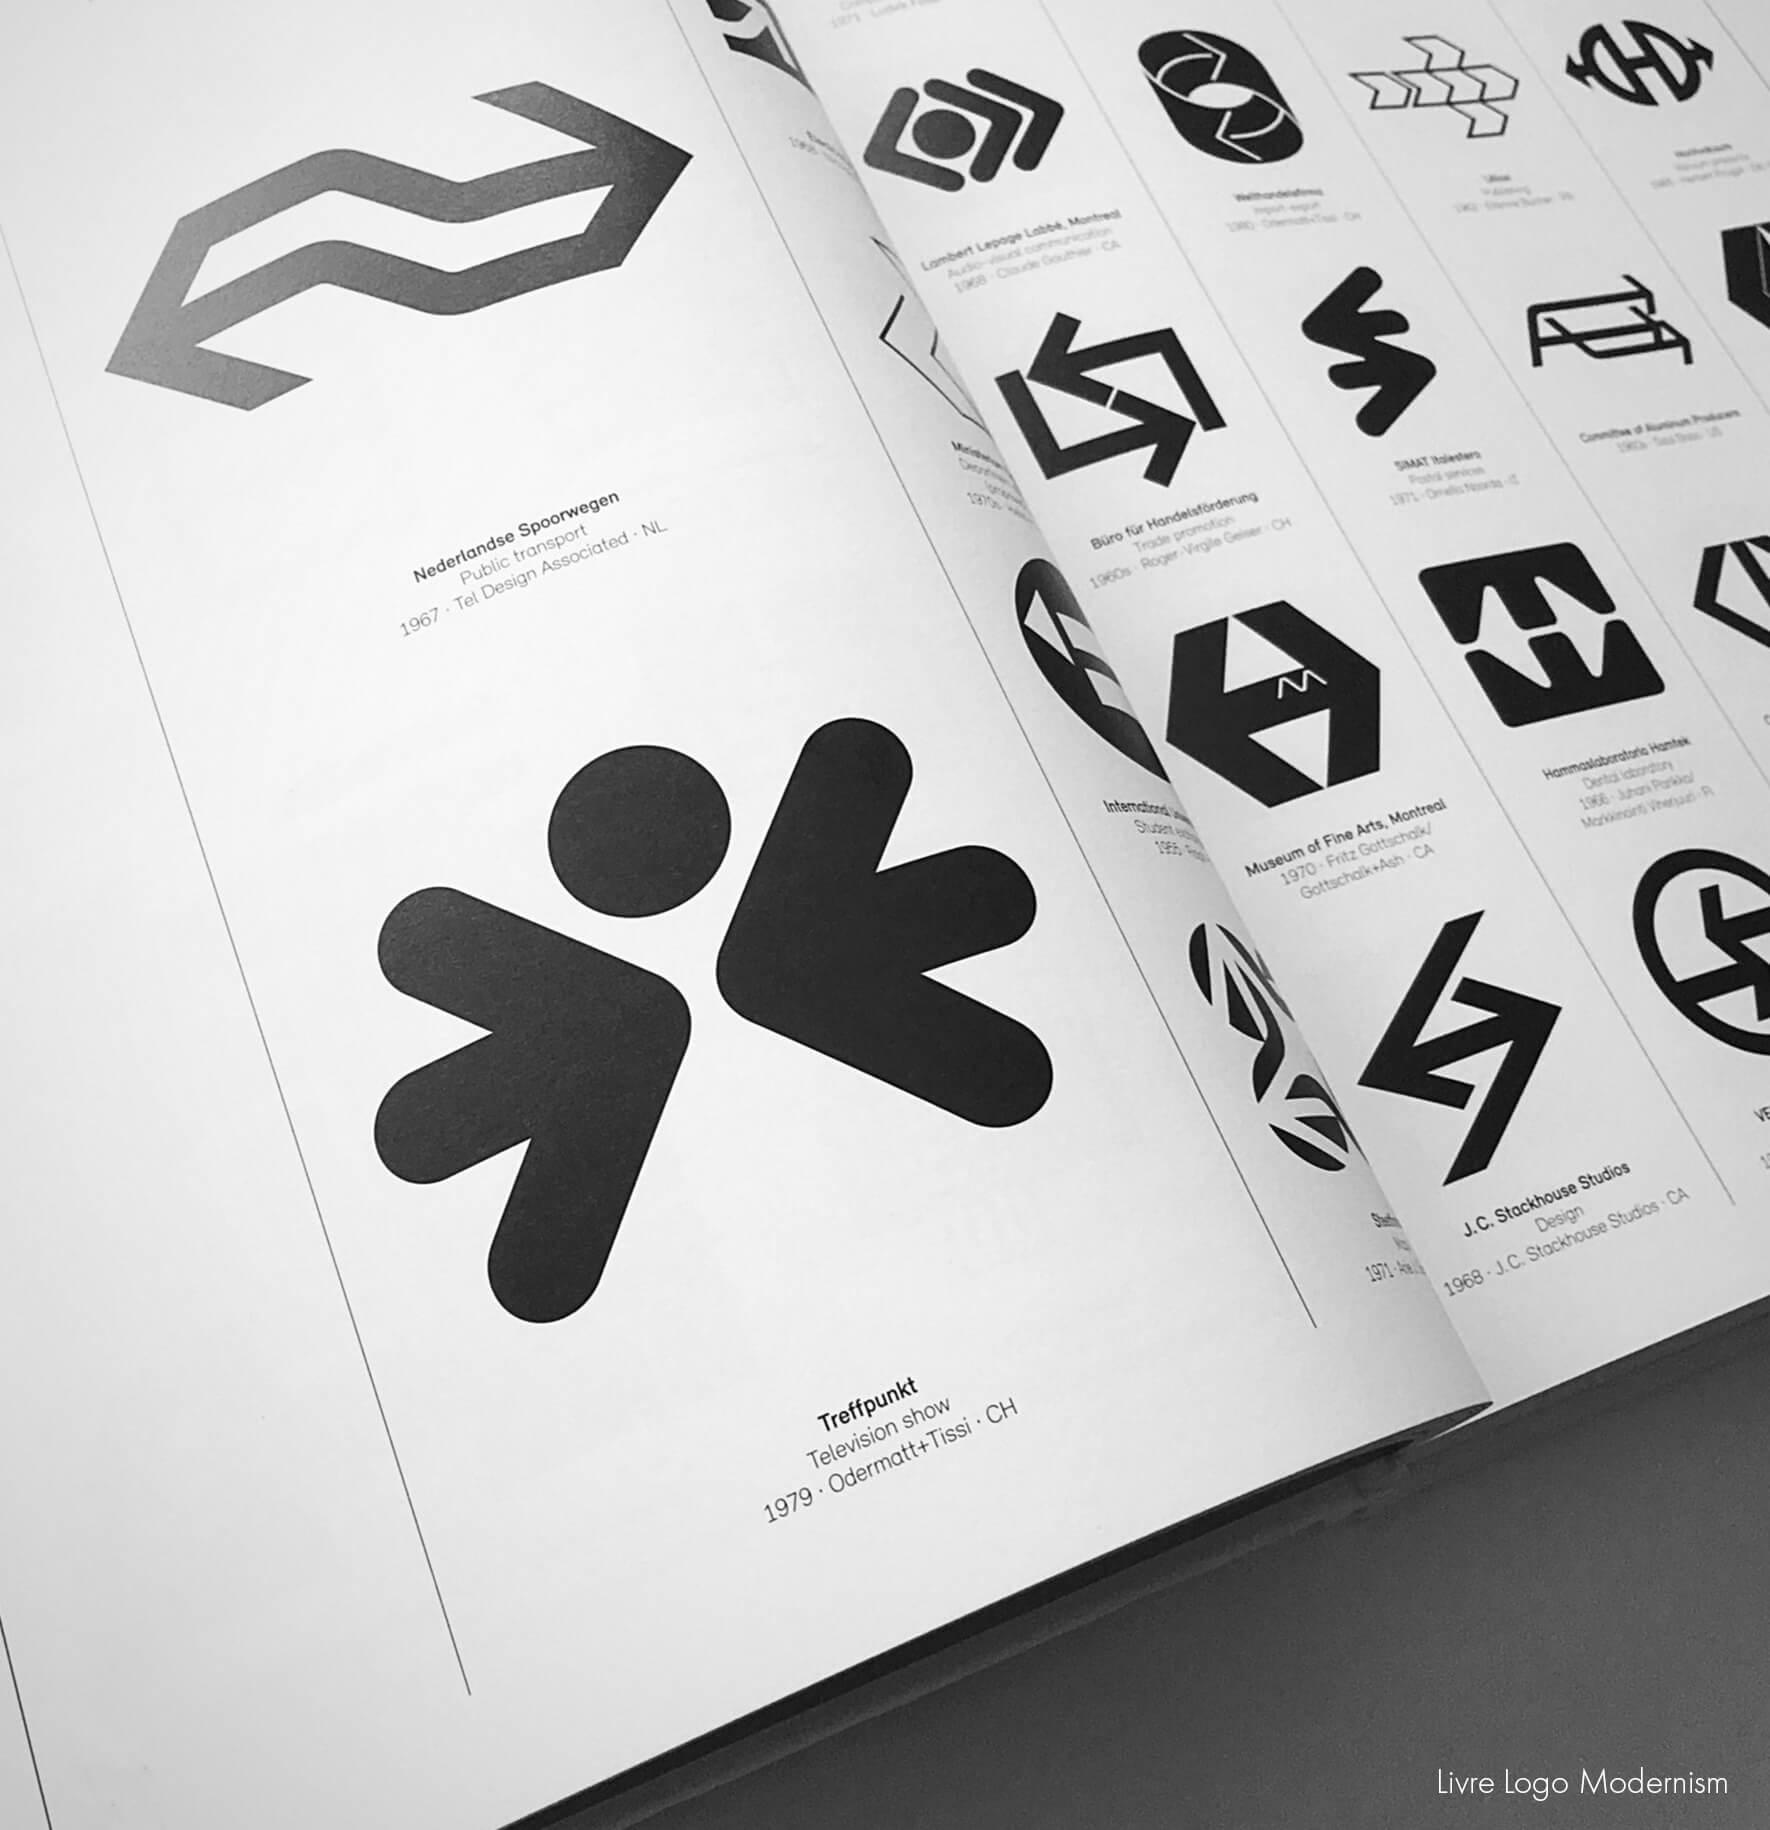 conception création logo entreprise création logo maroc Conception & création logo cre  ation logo casablanca maroc